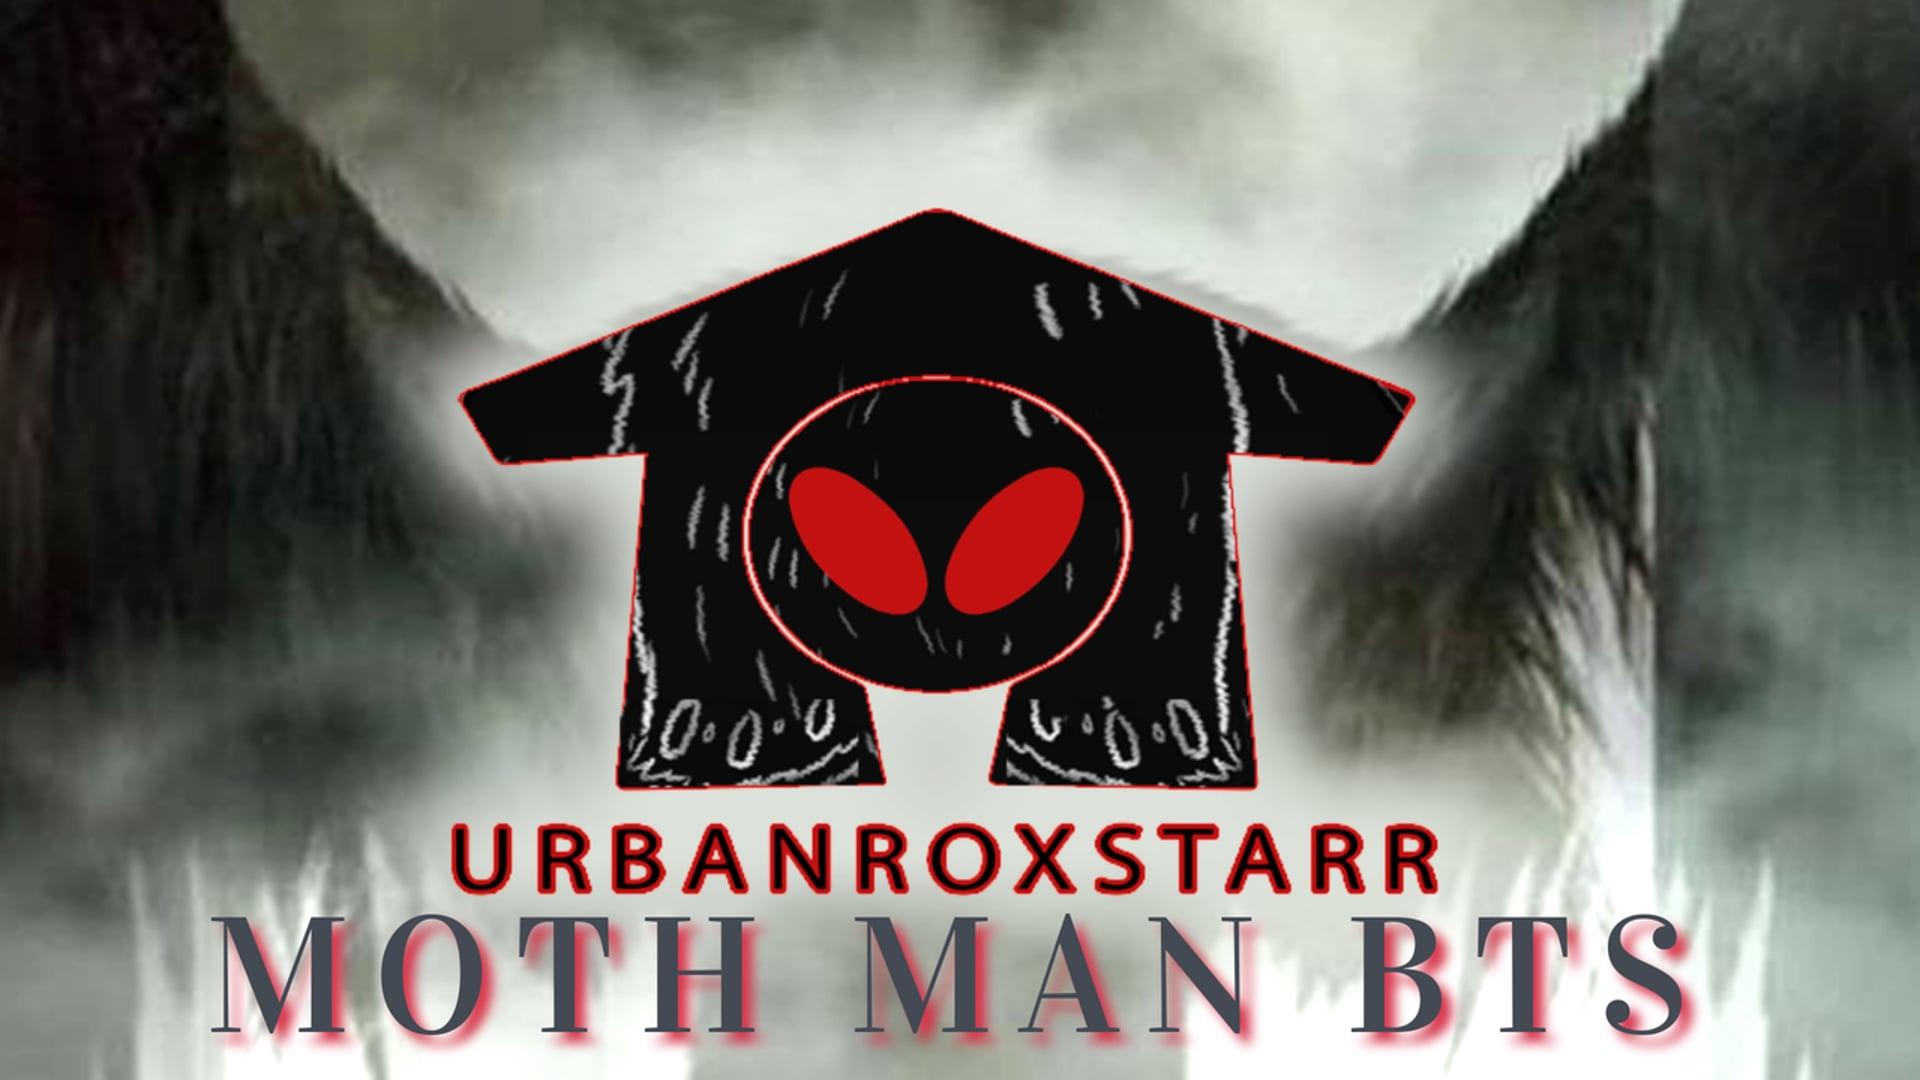 MOTH MAN BTS